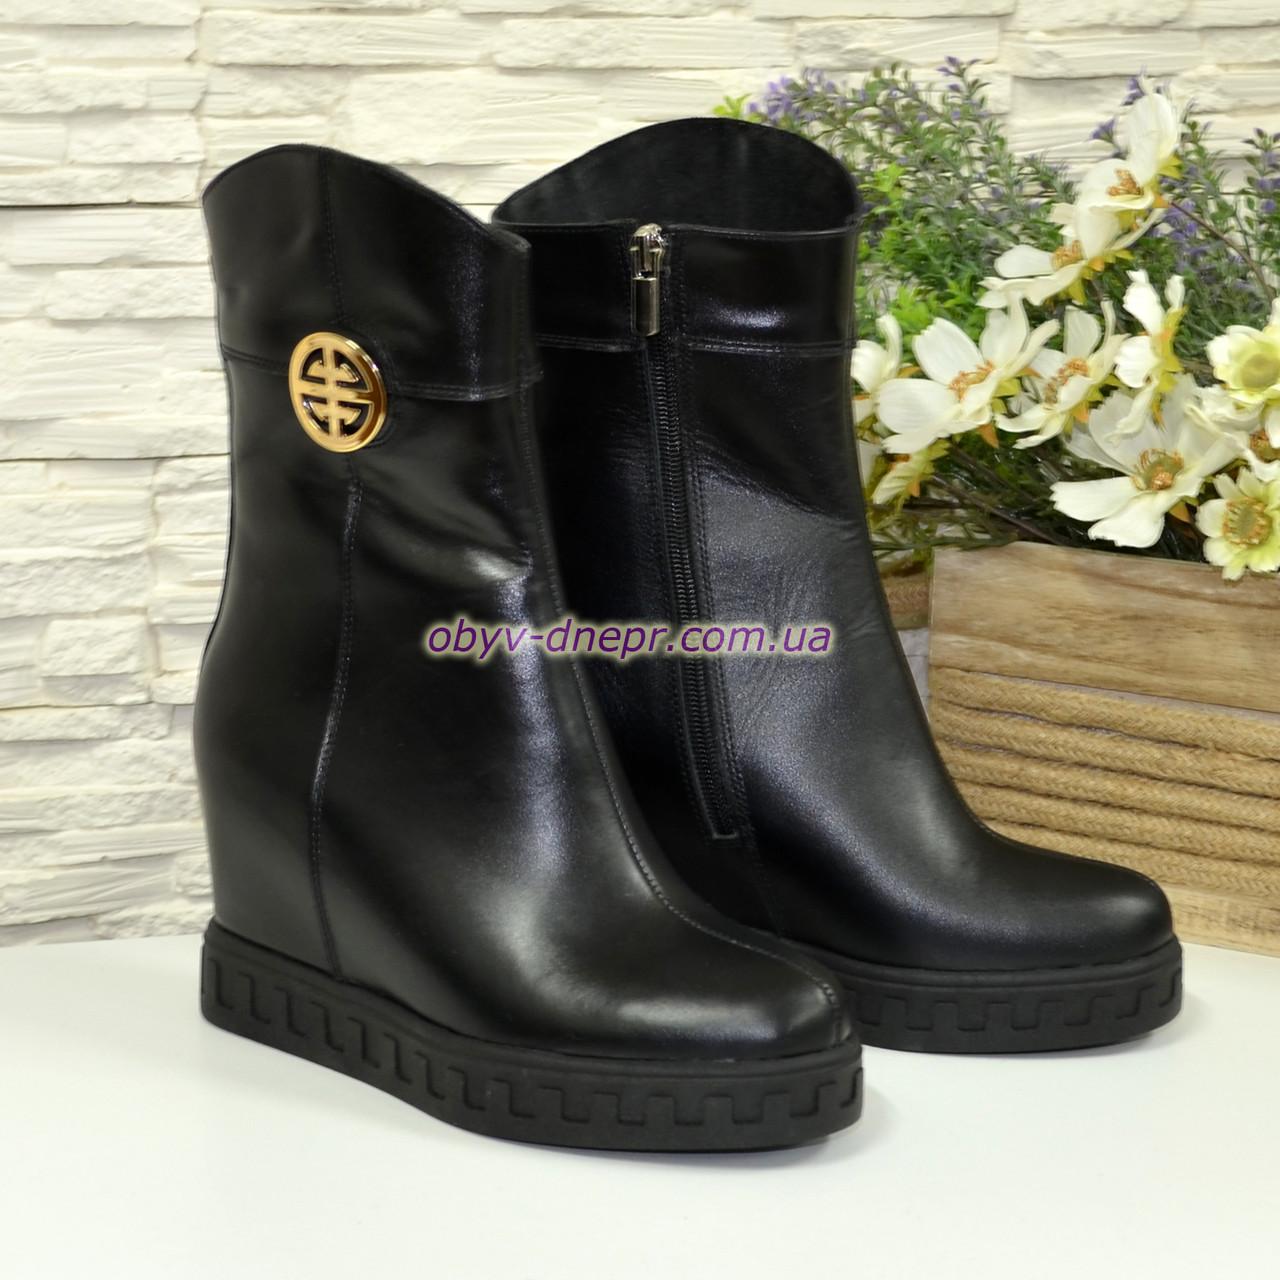 06c290fdb Стильные кожаные демисезонные ботинки женские на платформе.: продажа ...